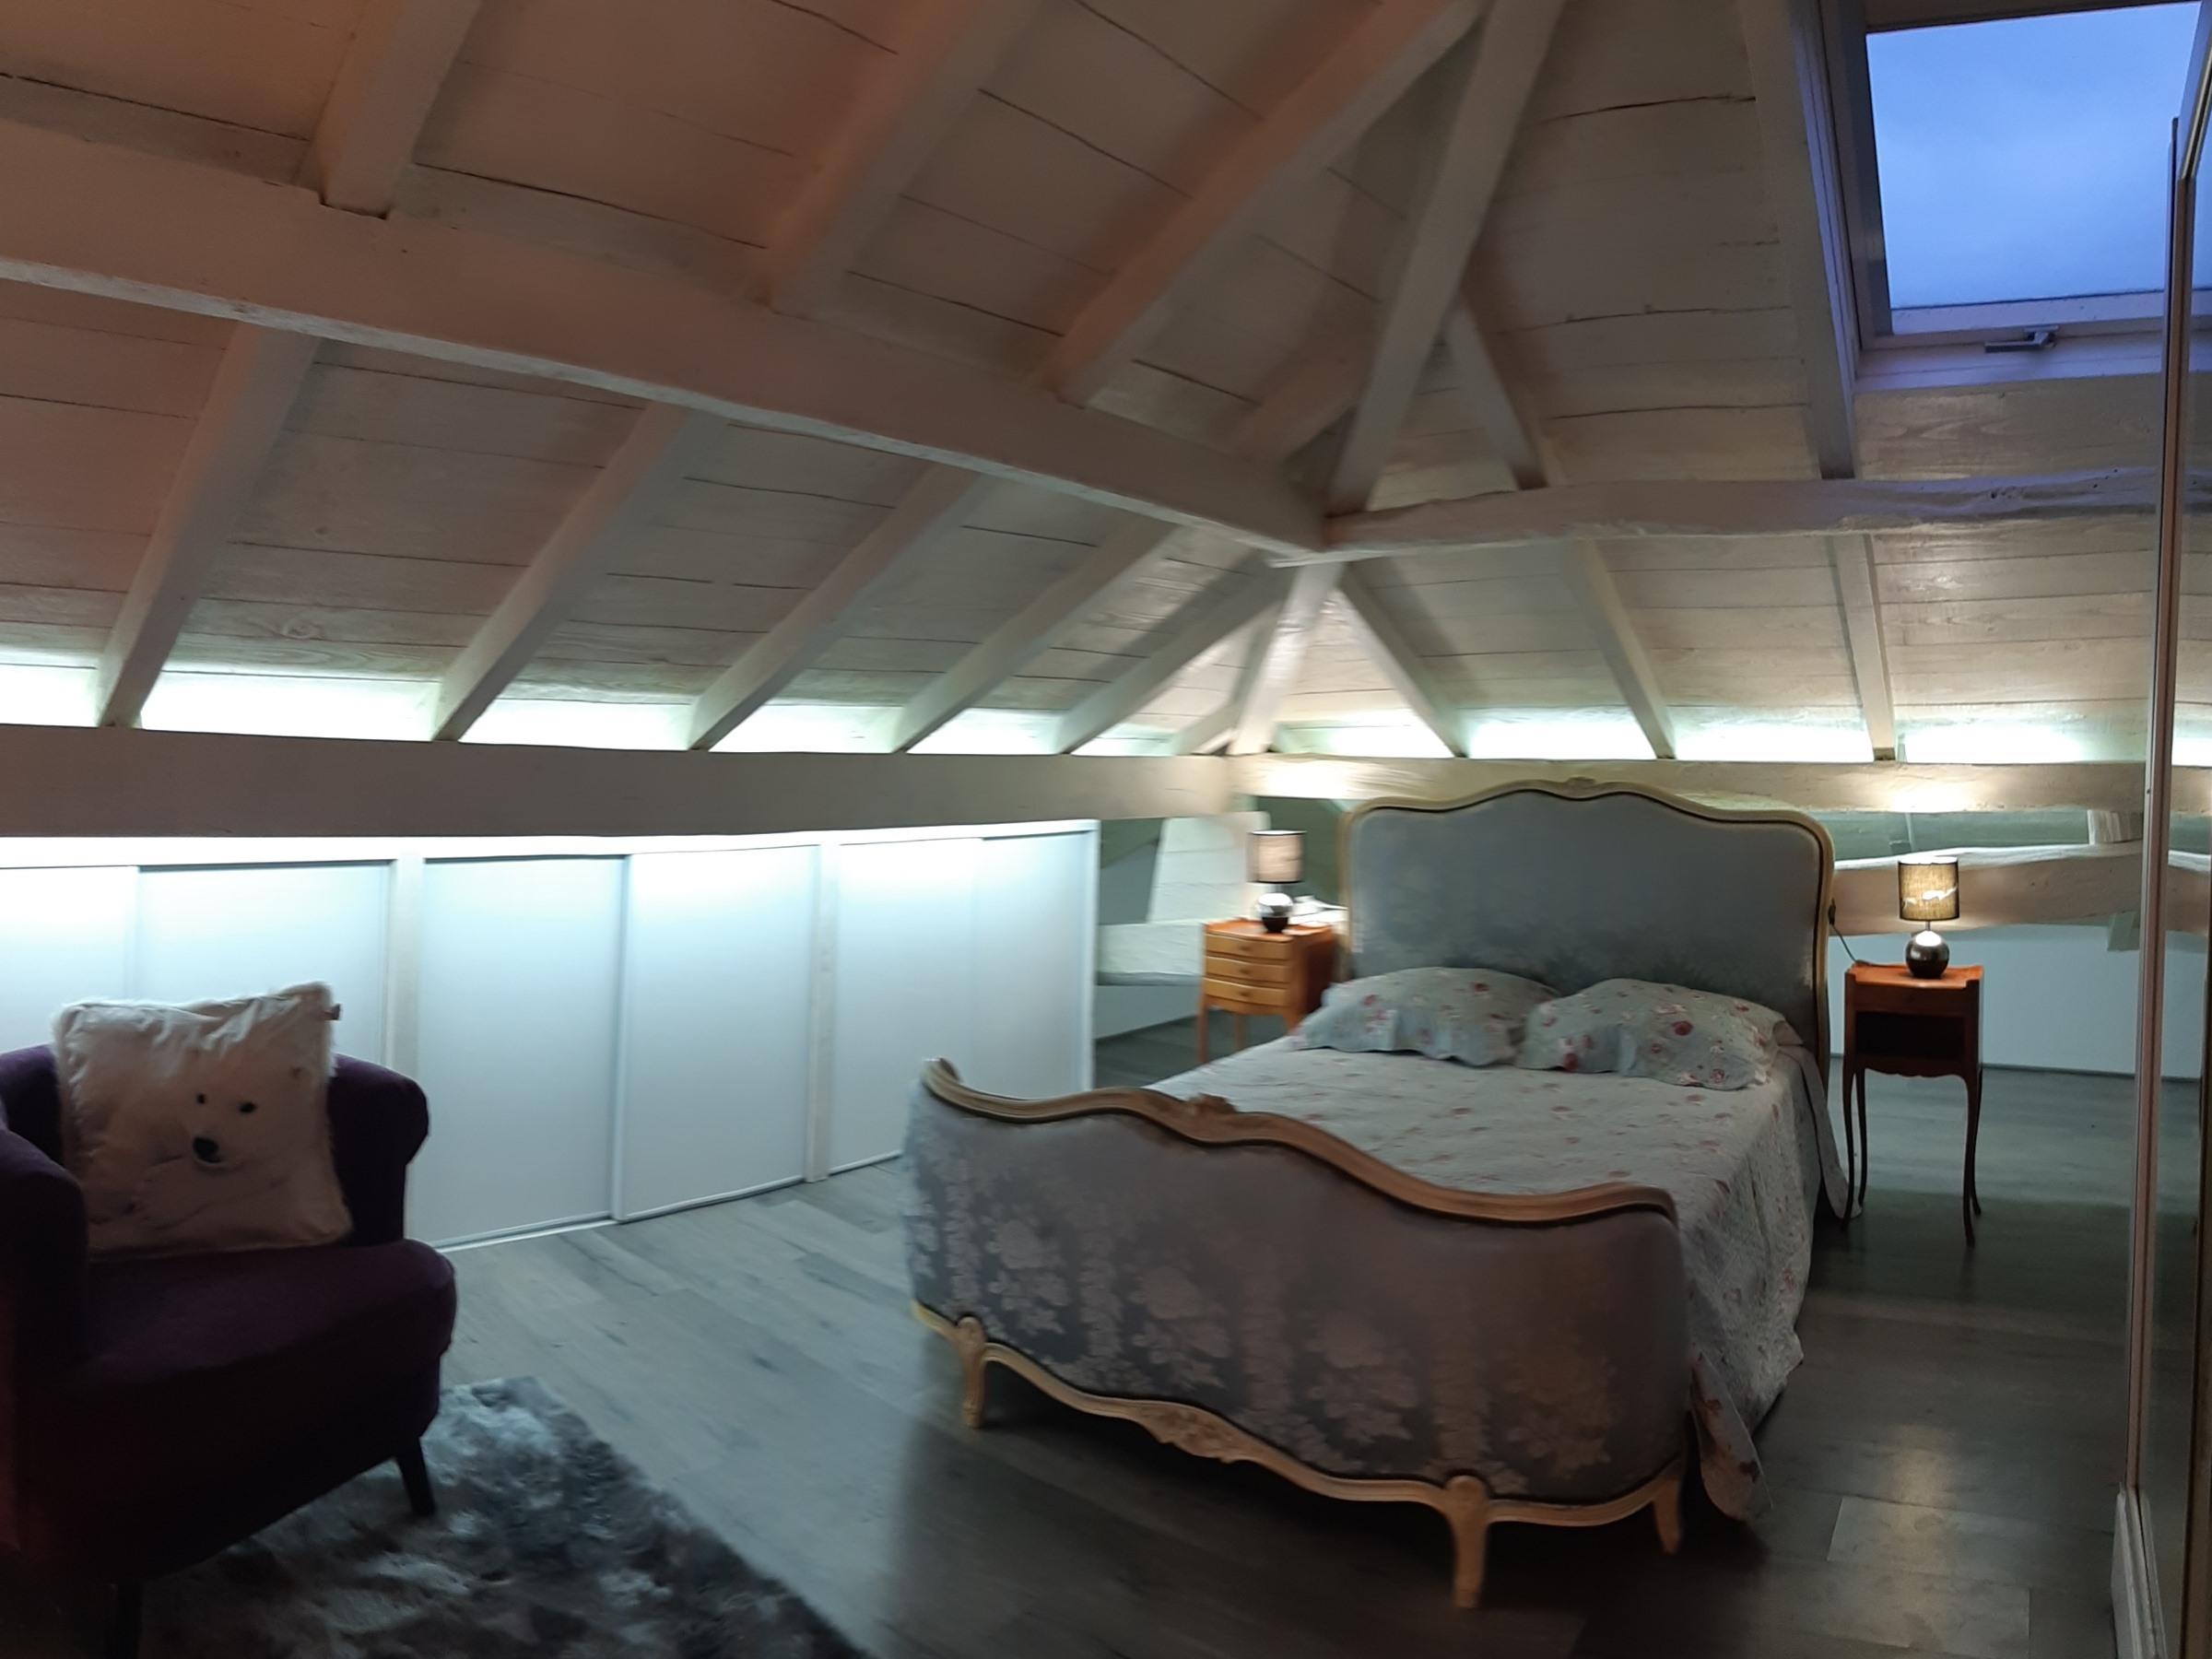 Appartement-au 1 étage-Panoramique-Vue sur la campagne-Salle de bain privée séparée - Tarif de base